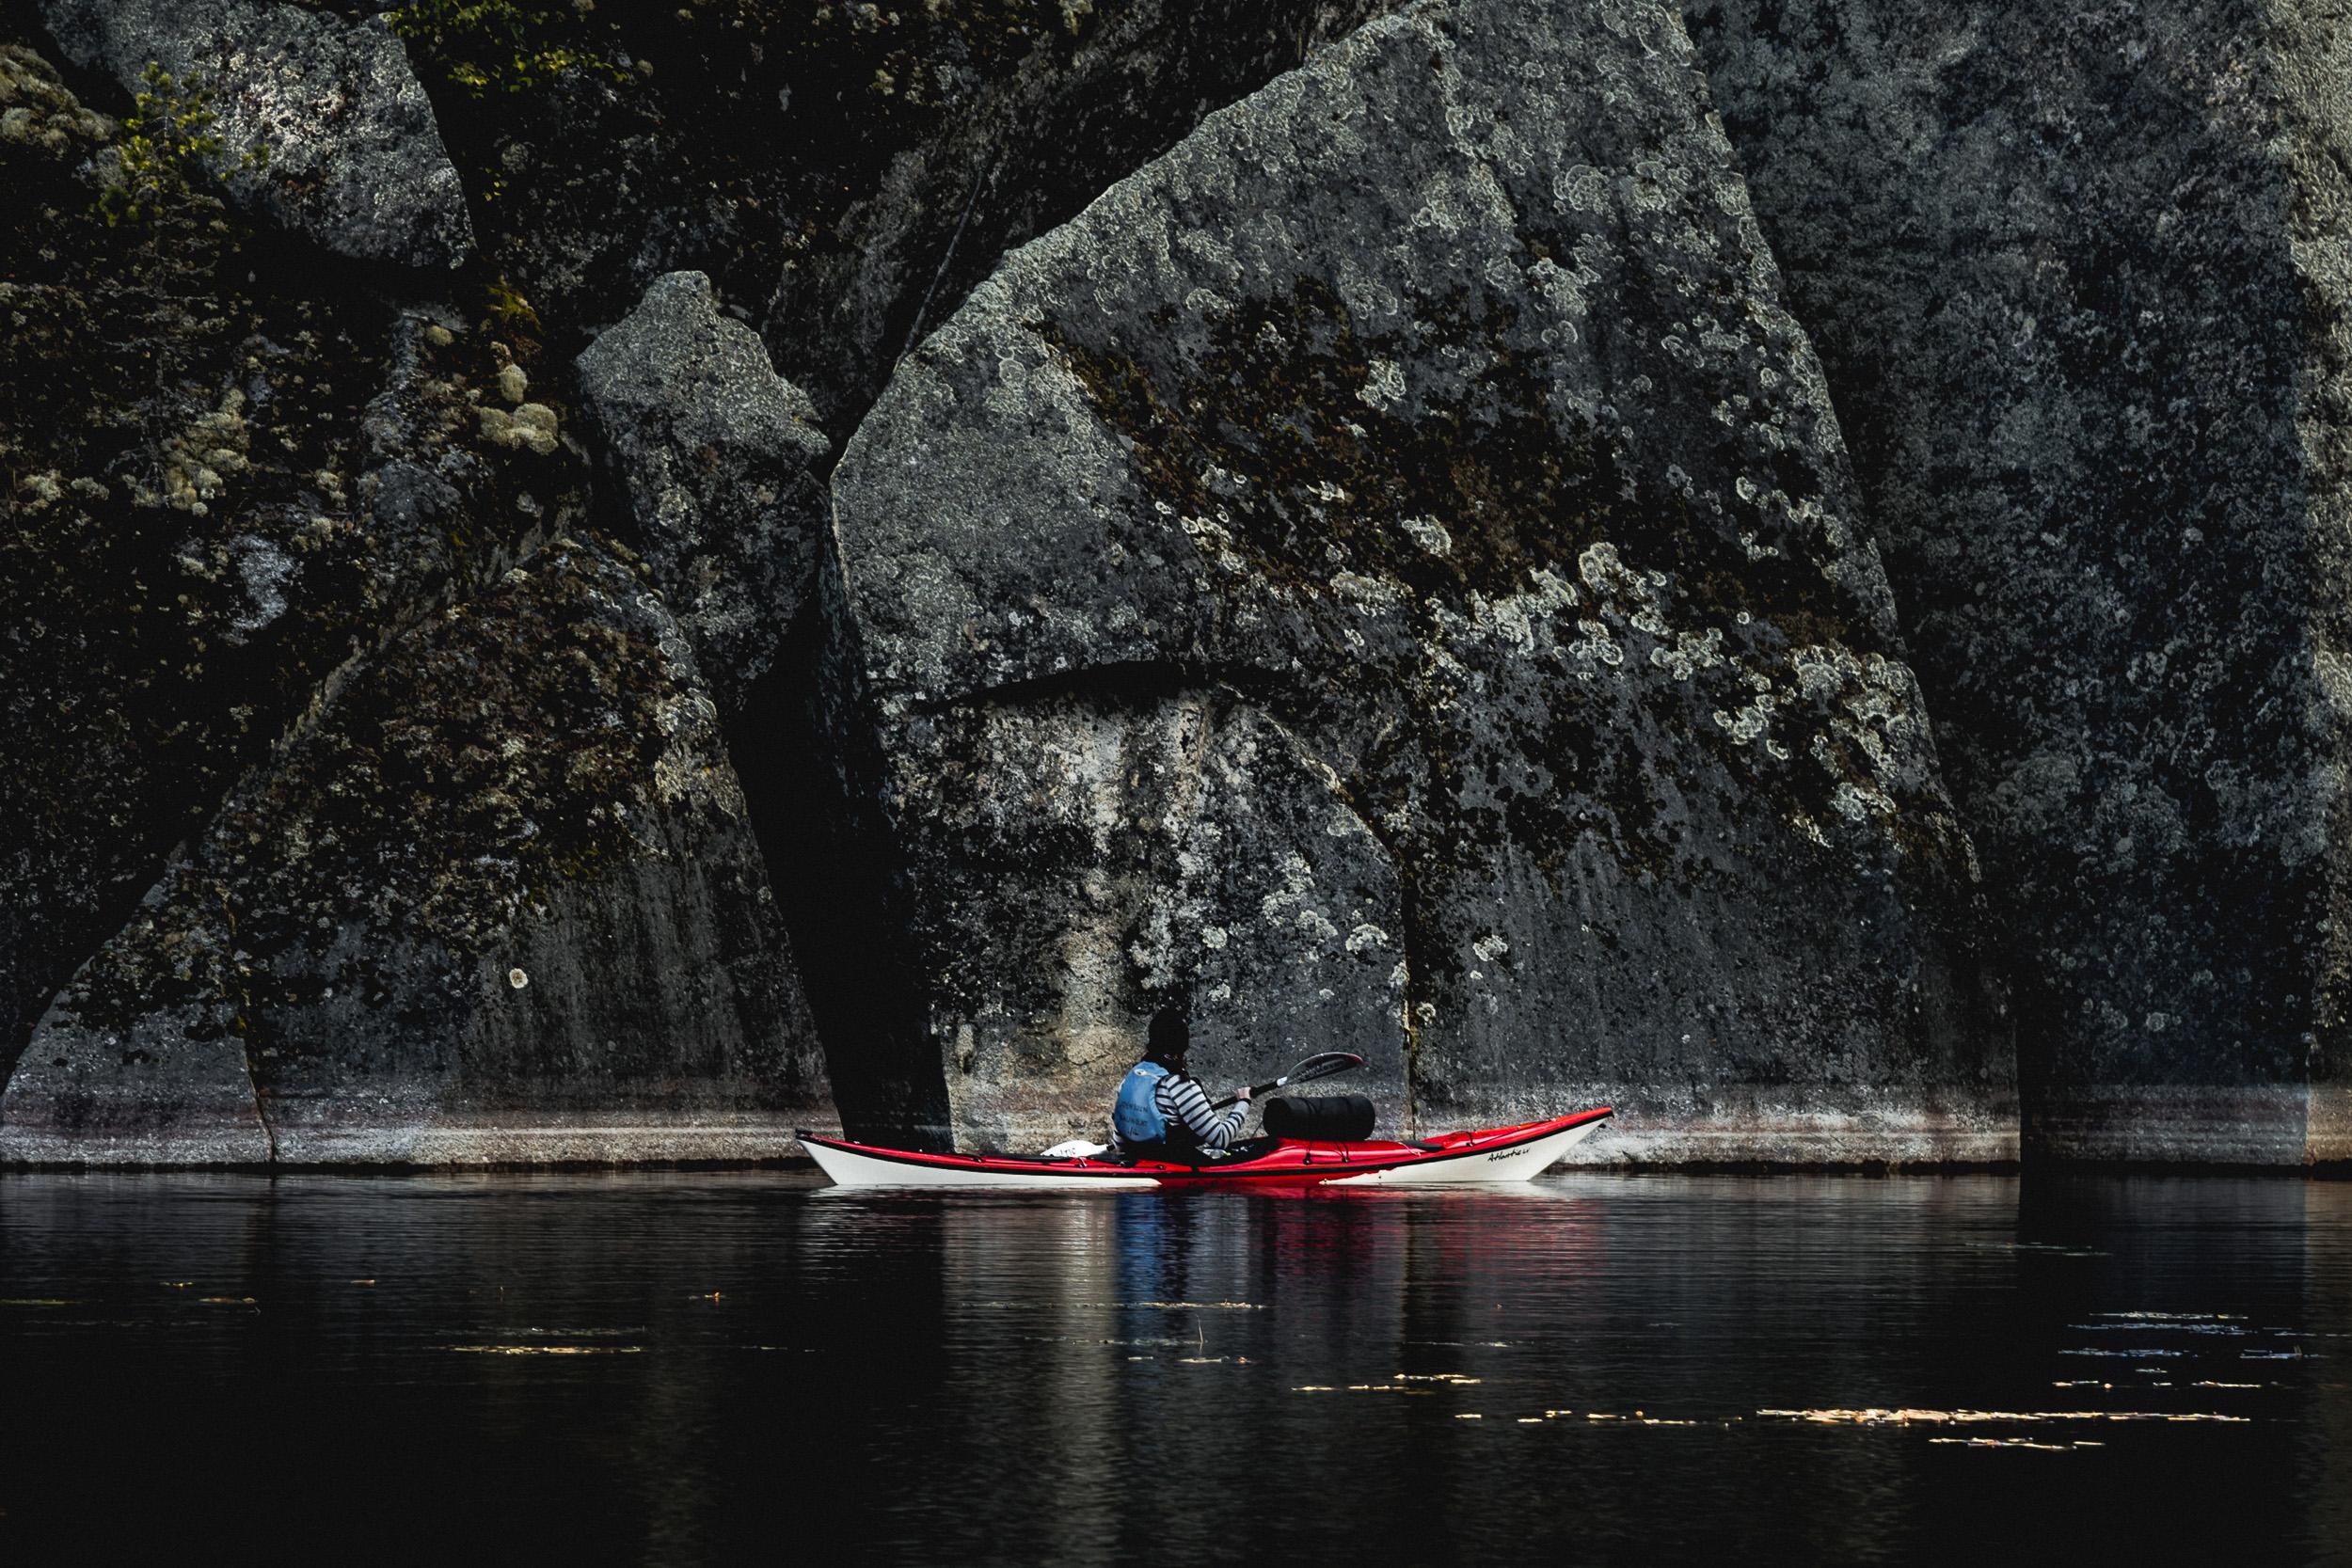 19-kolovesi-national-park-finland-kayaking-adventure-anna-elina-lahti-photographer.jpg